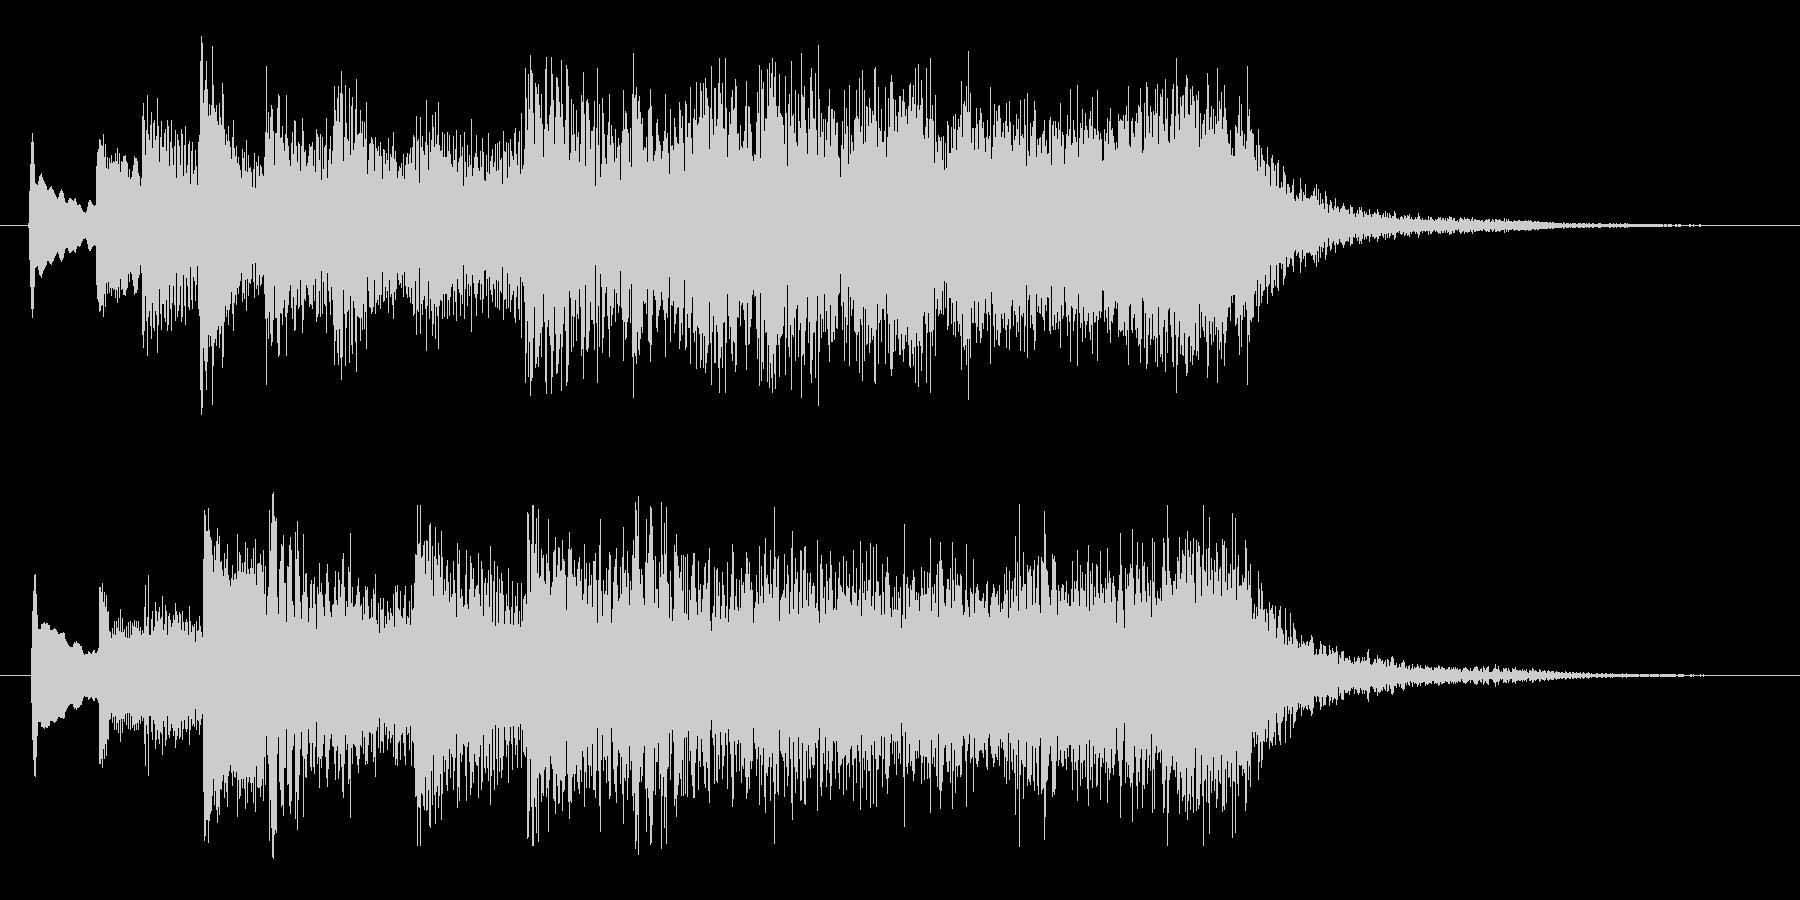 ハープとストリングスのジングル1の未再生の波形